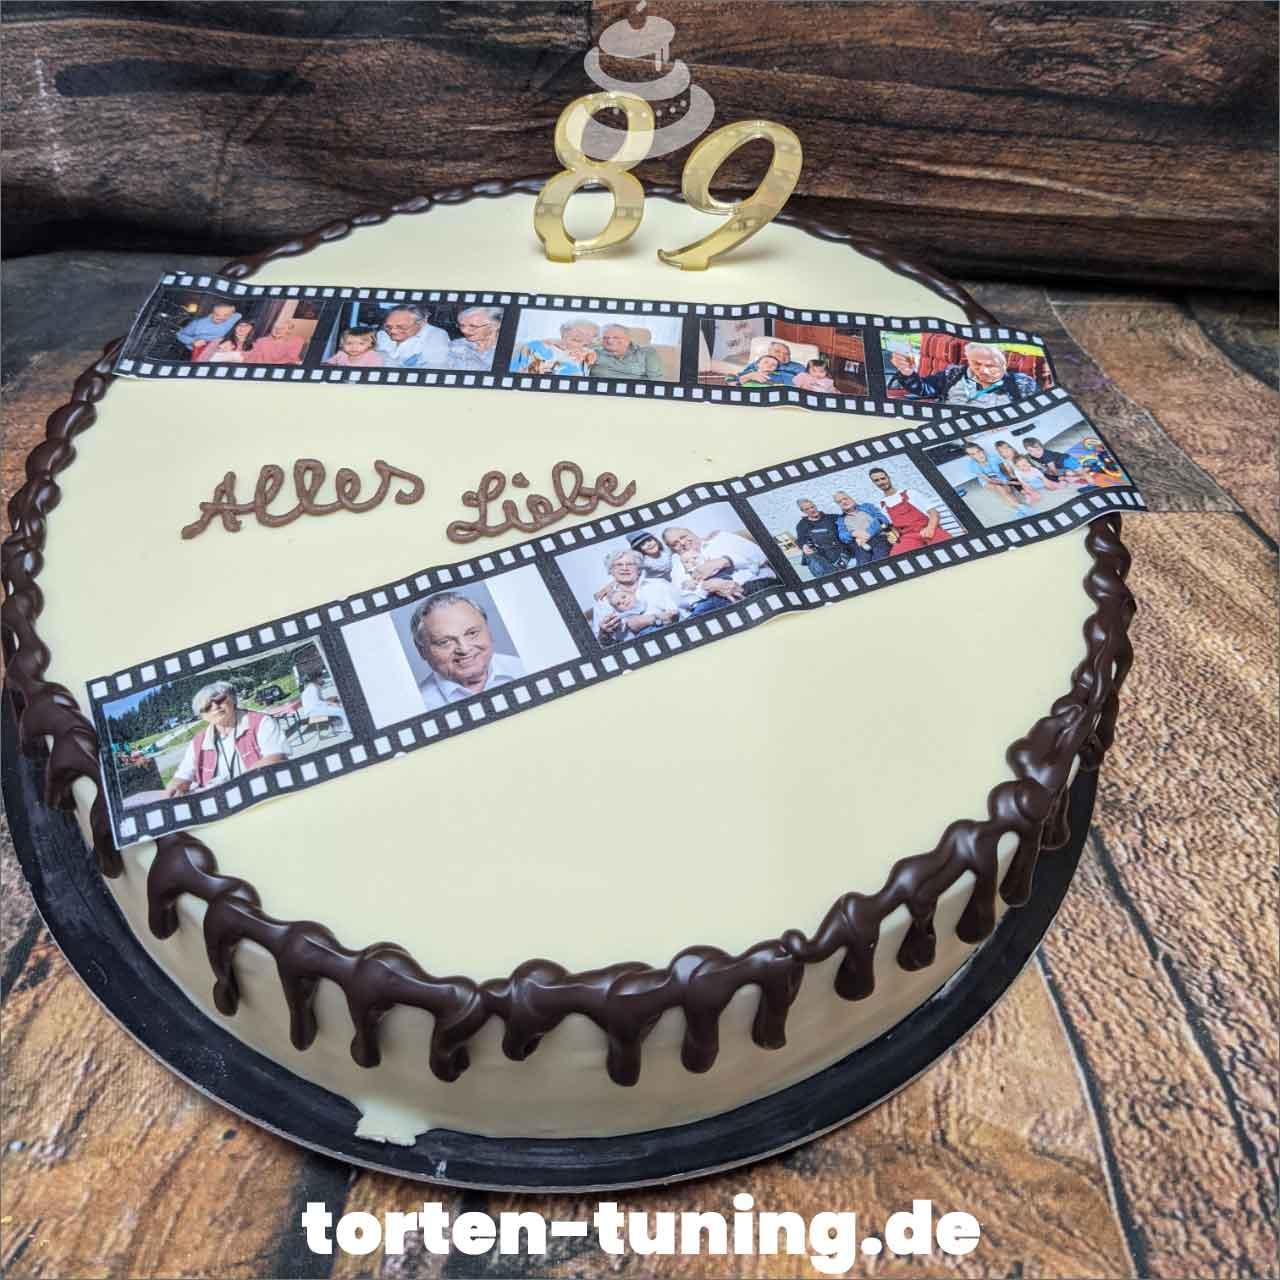 Fotostreifen Filmstreifen Dripcake Obsttorte Geburtstagstorte Motivtorte Torte Tortendekoration Torte online bestellen Suhl Thüringen Torten Tuning Sahnetorte Tortenfiguren Cake Topper